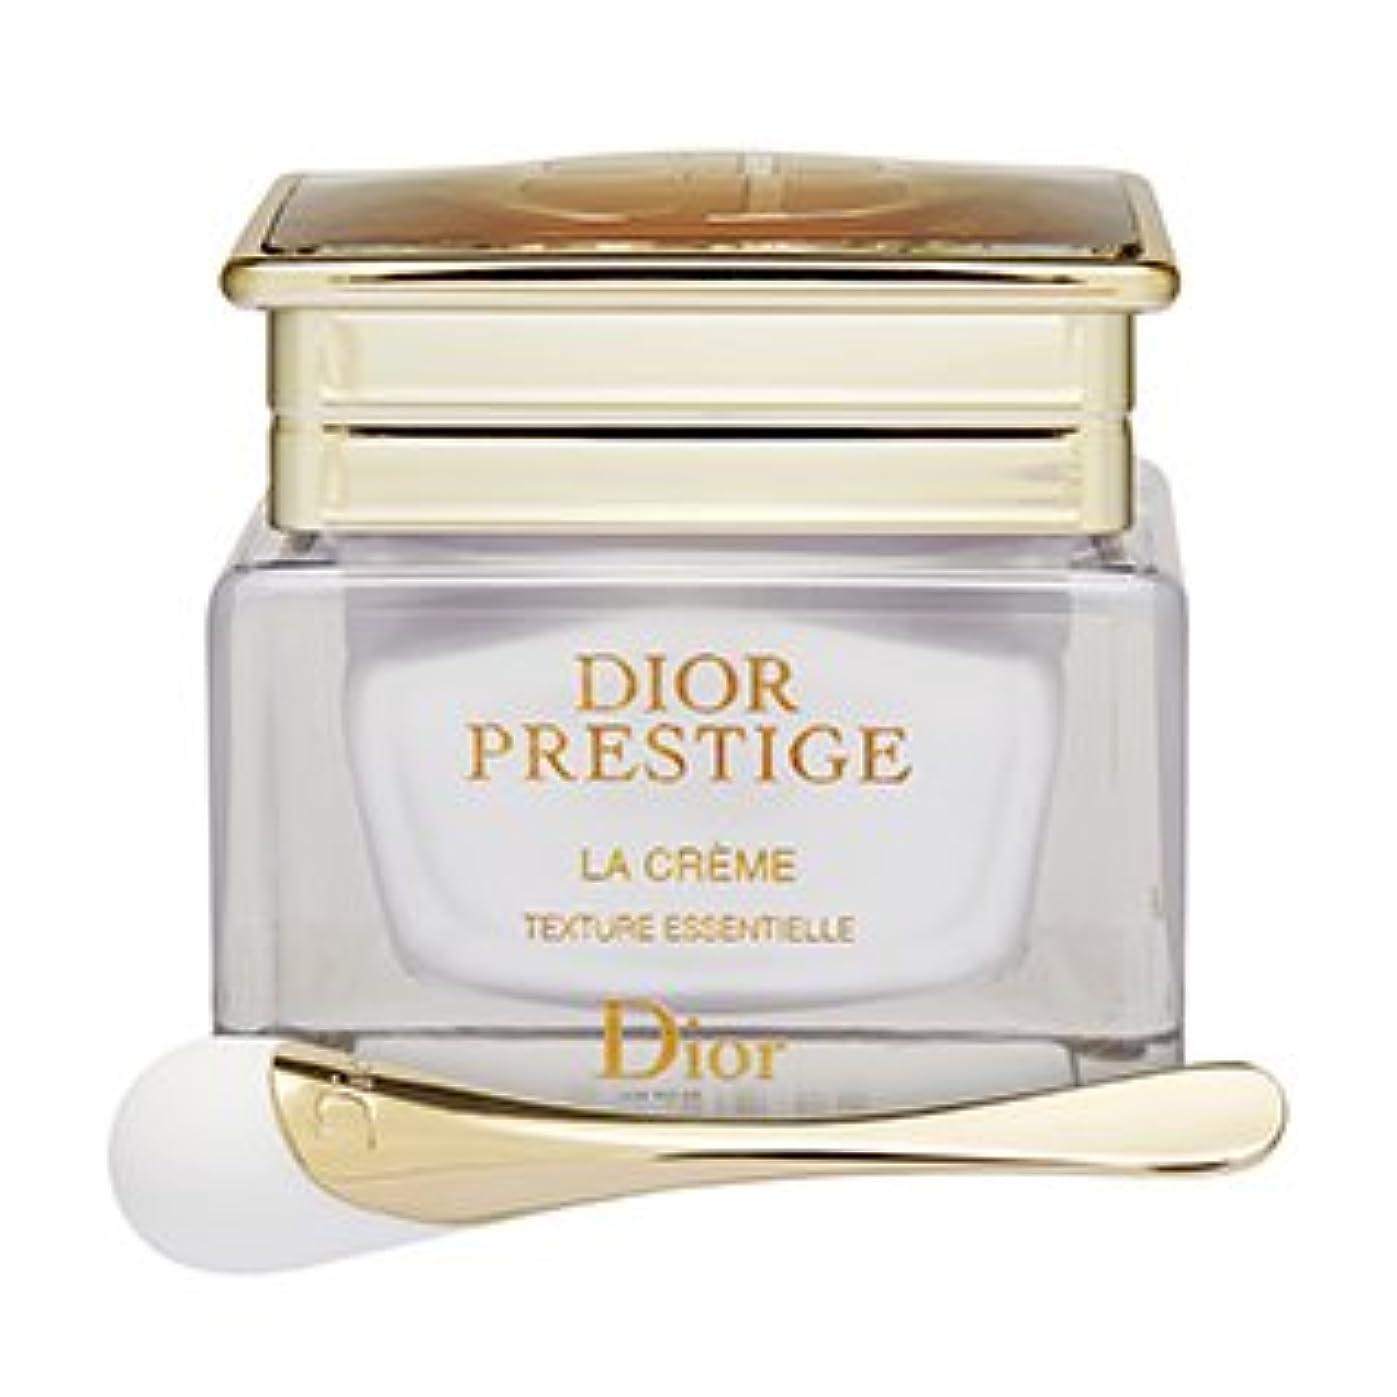 ネットおもてなし収束するディオール(Dior) プレステージ ラ クレーム - 極上のテクスチャー [並行輸入品]